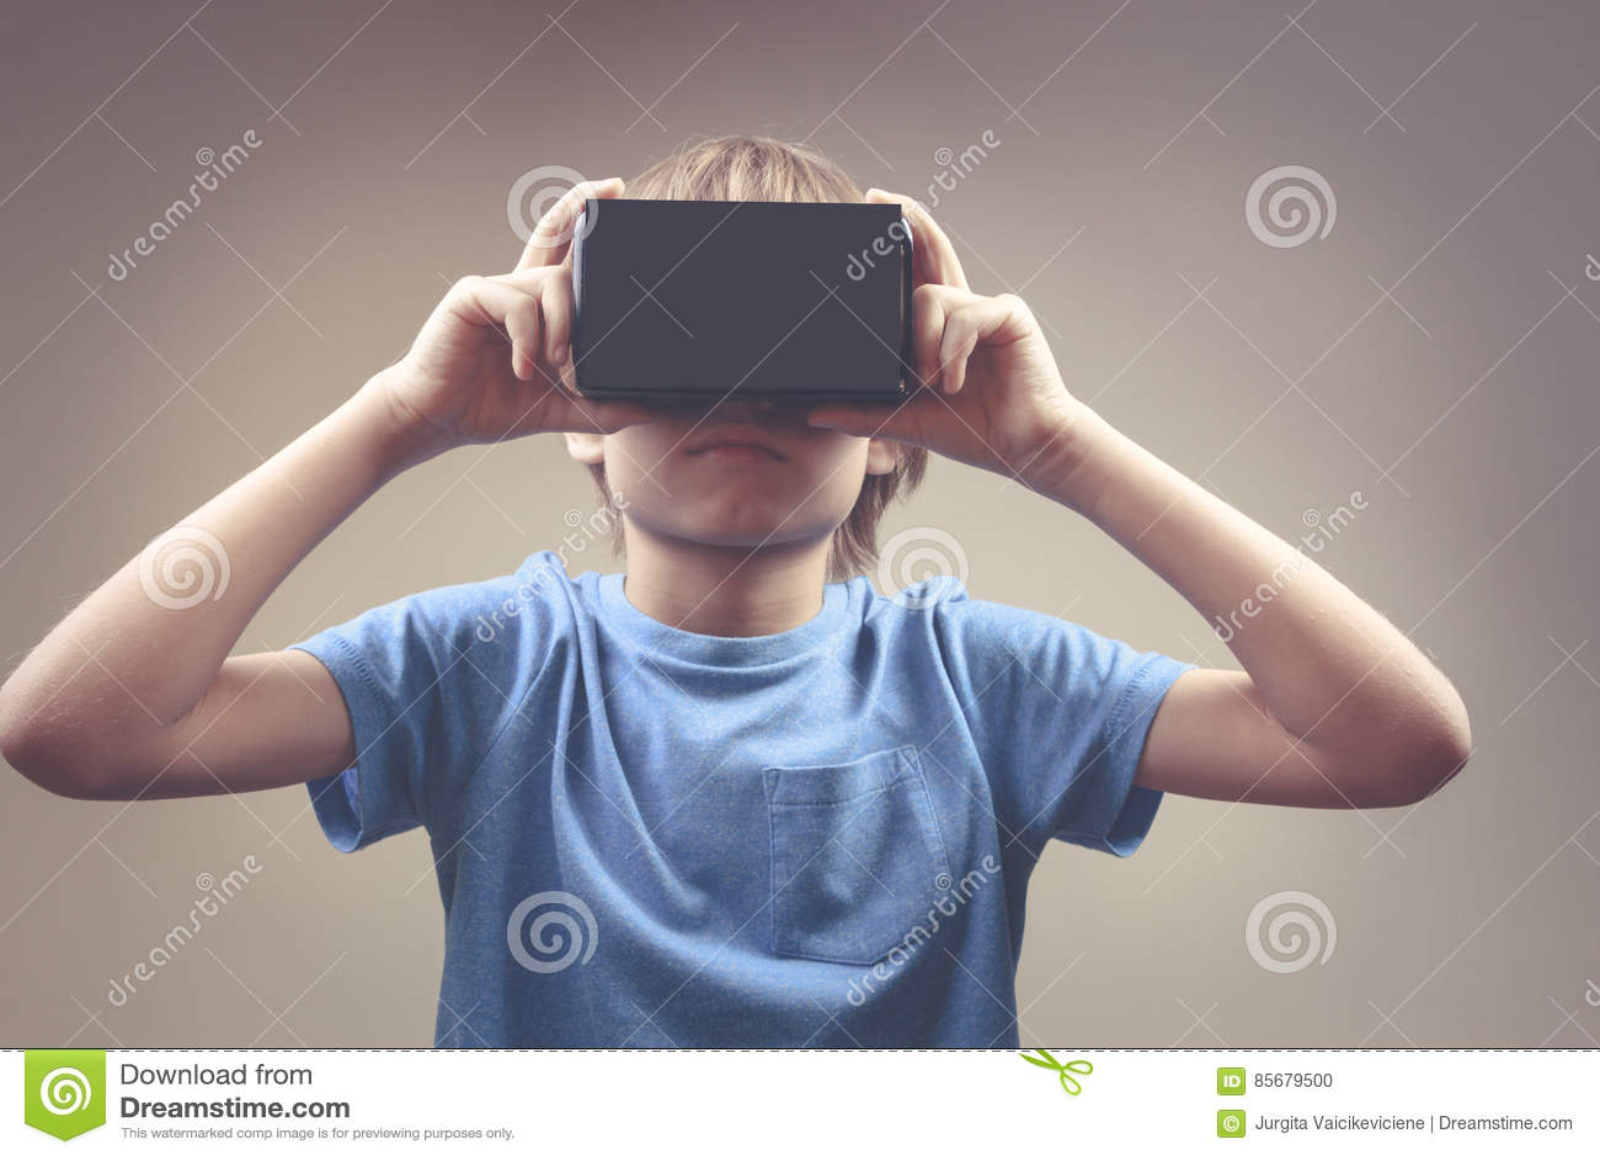 Kind die nieuwe 3D Virtuele Werkelijkheid, VR-kartonglazen gebruiken